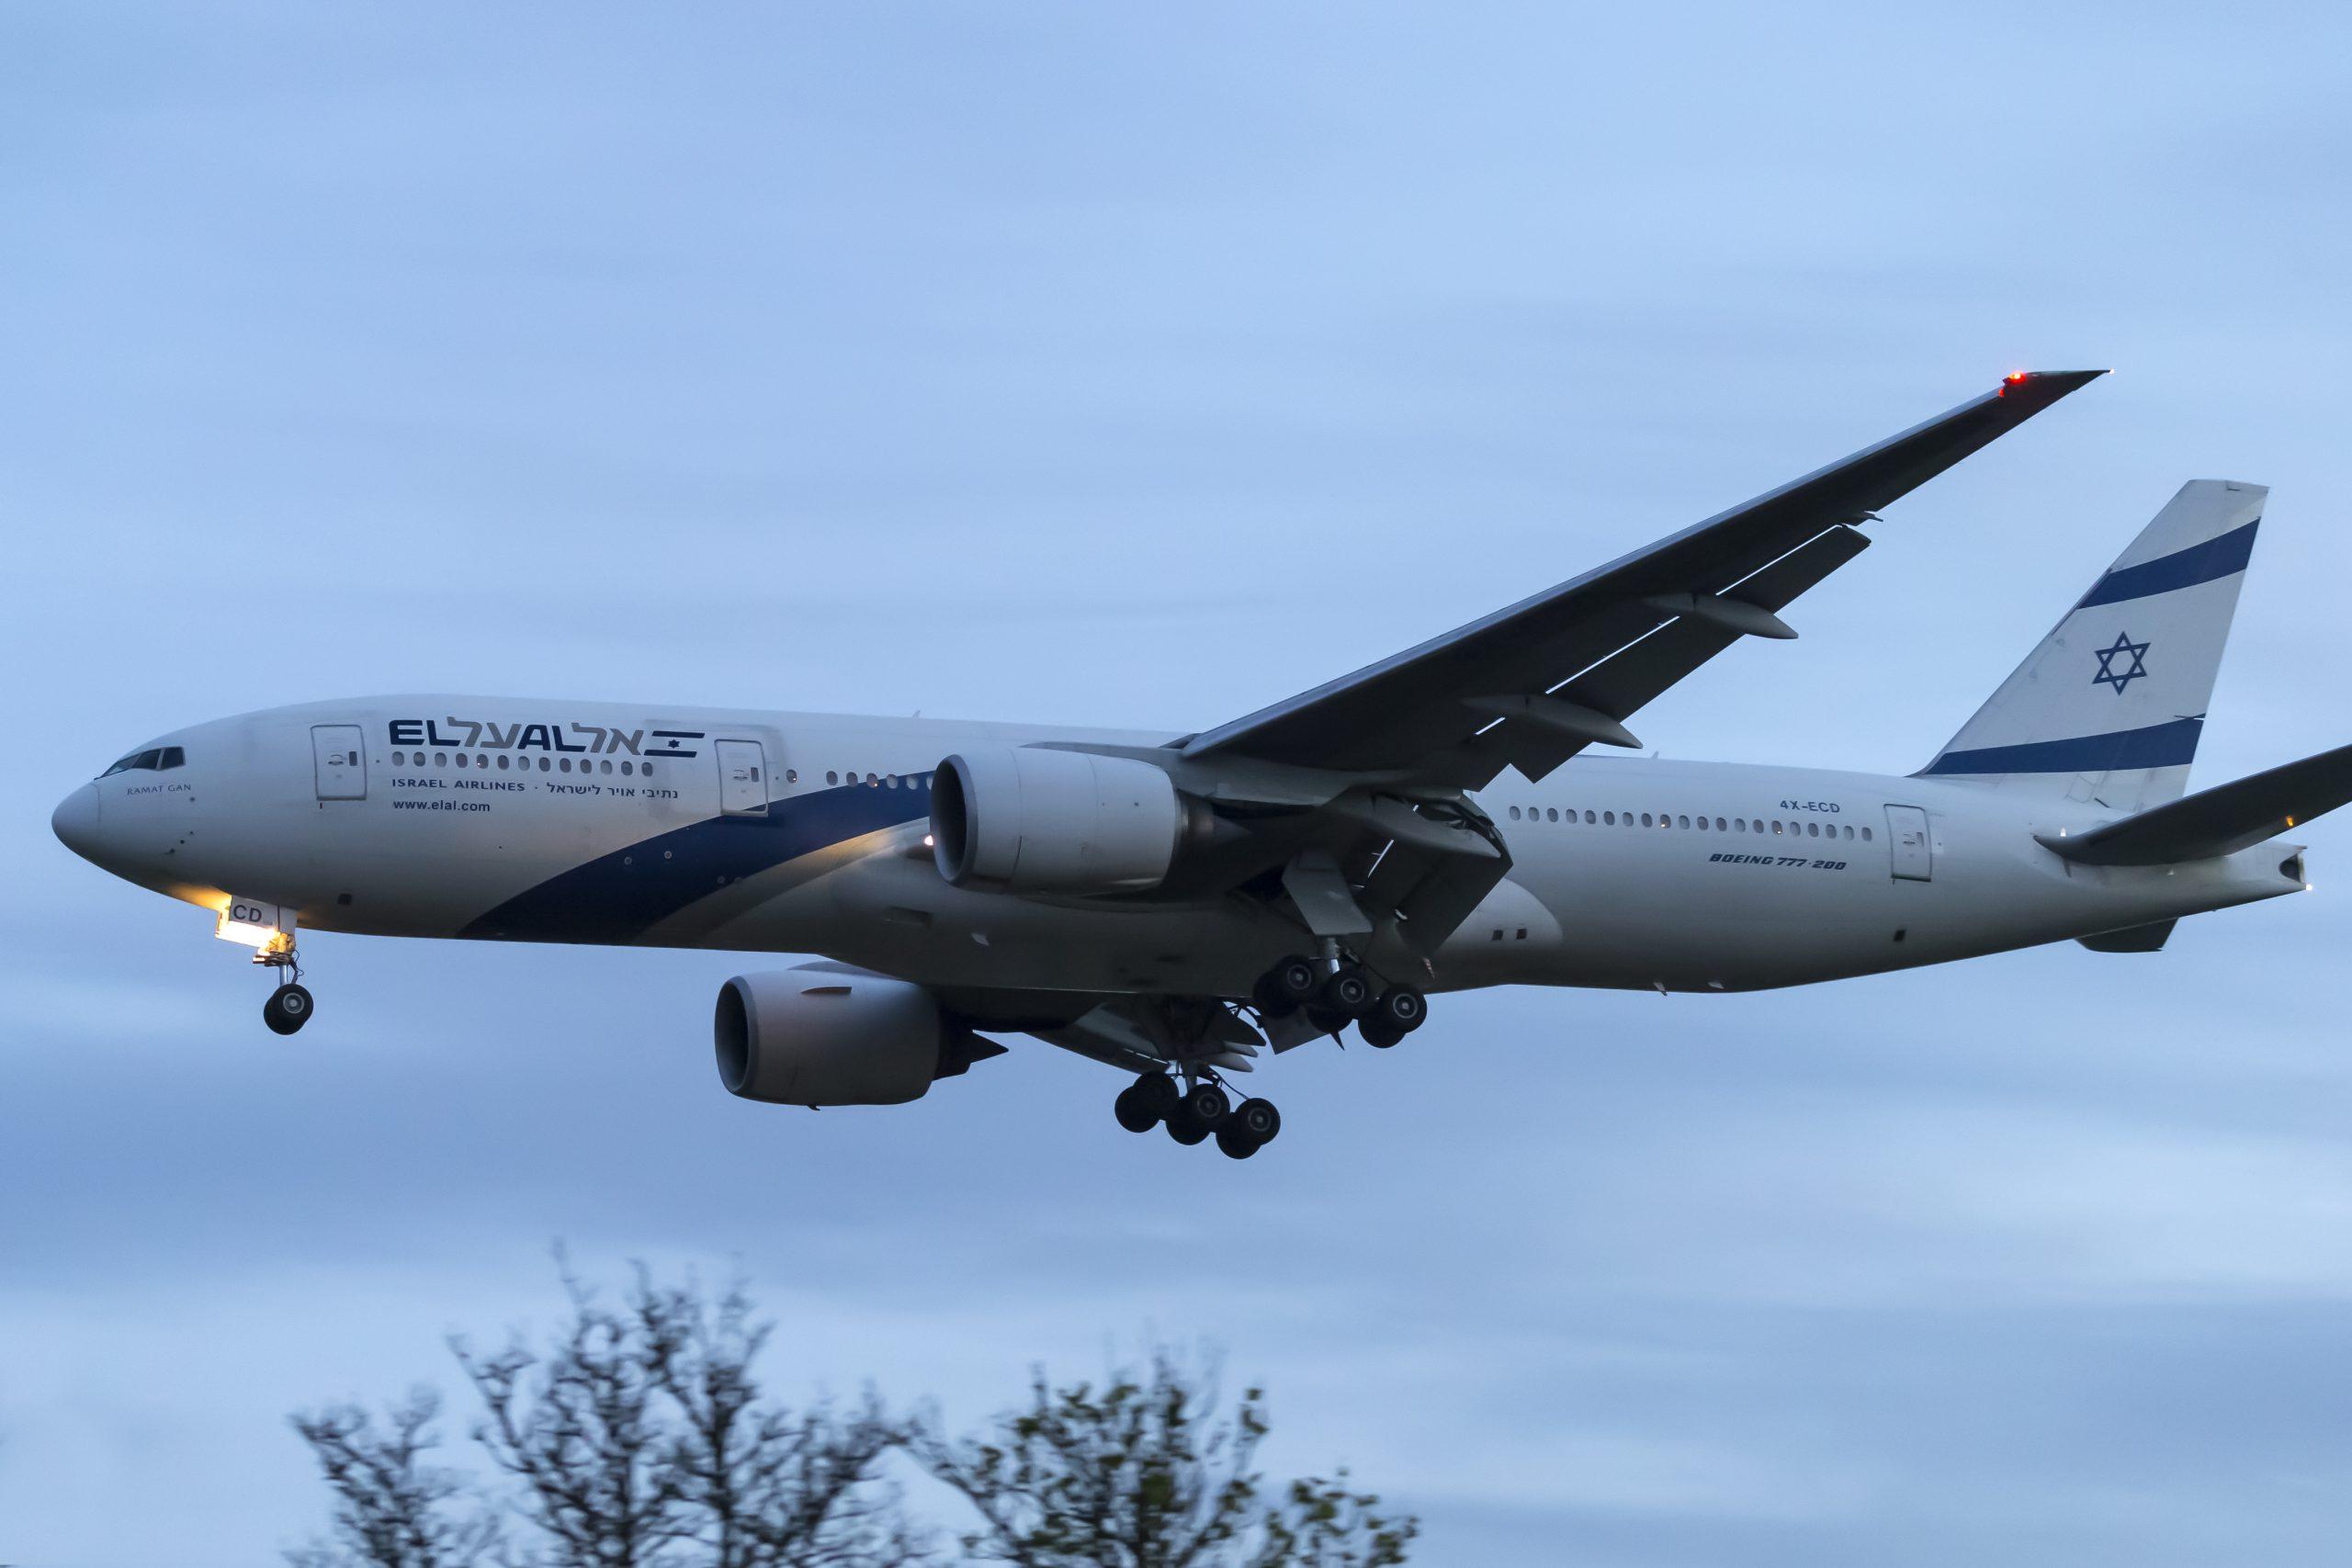 En Boeing 777-200ER fra det israelske flyselskab El Al. Foto: © Thorbjørn Brunander Sund, Danish Aviation Photo